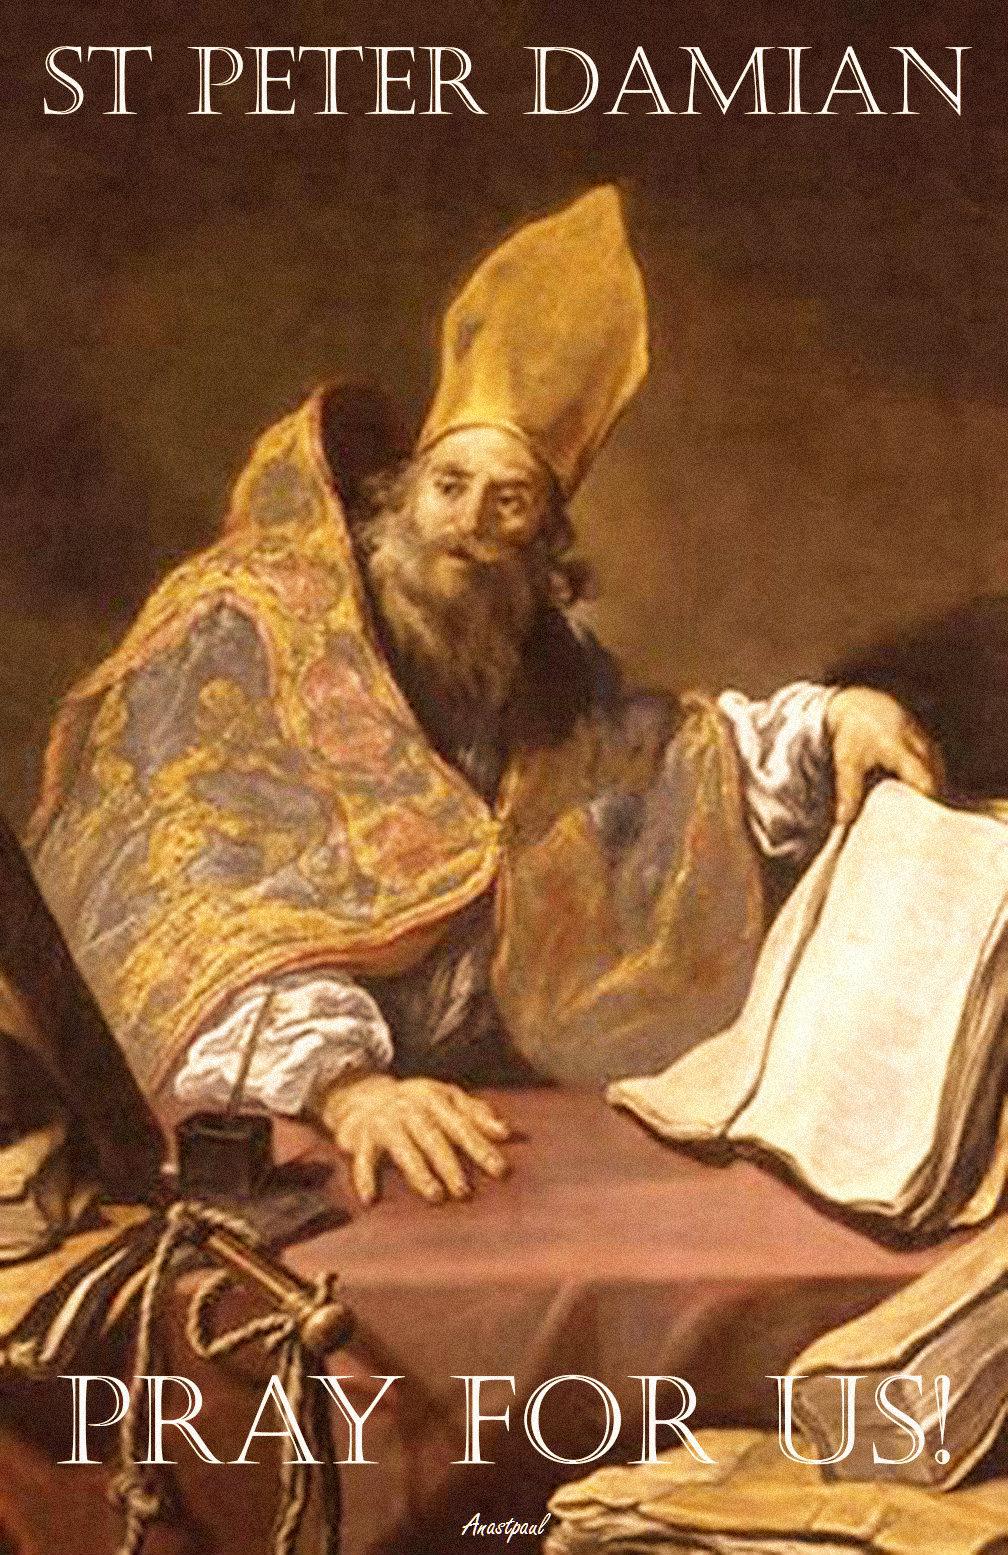 ST PETER DAMIAN PRAY FOR US.jpg